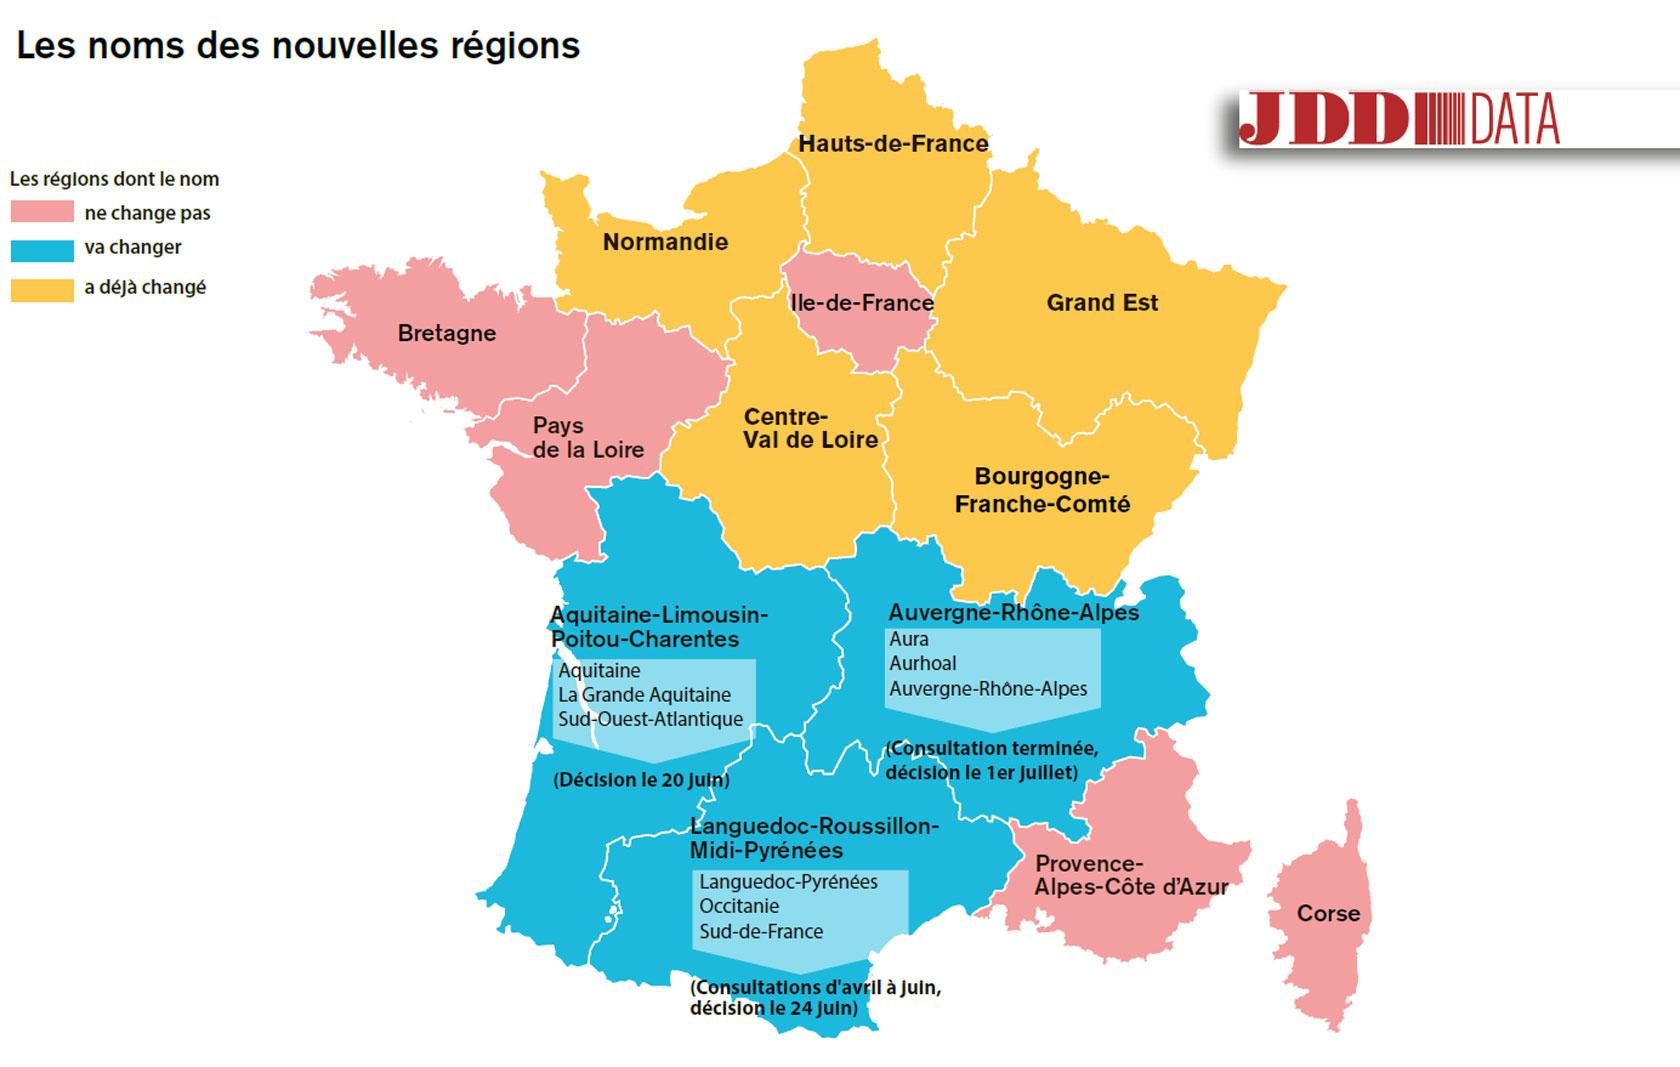 Carte. L'alsace-Champagne-Ardenne-Lorraine Se Rebaptise serapportantà Carte Des Nouvelles Régions Françaises